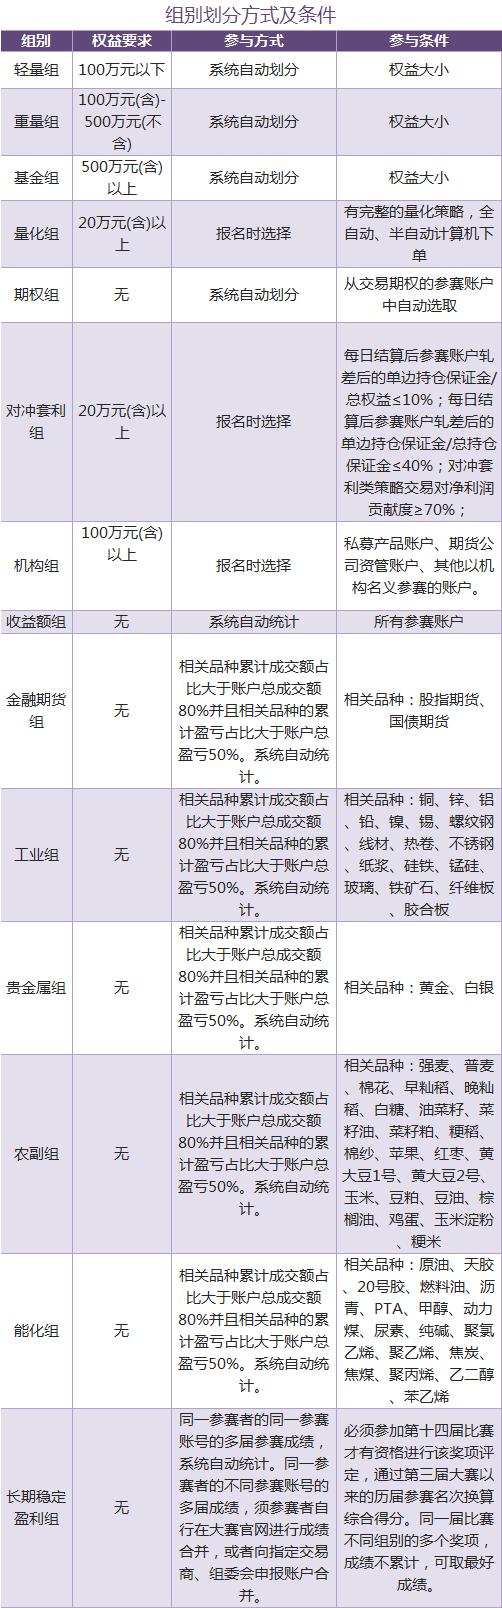 组别划分方式及条件.png